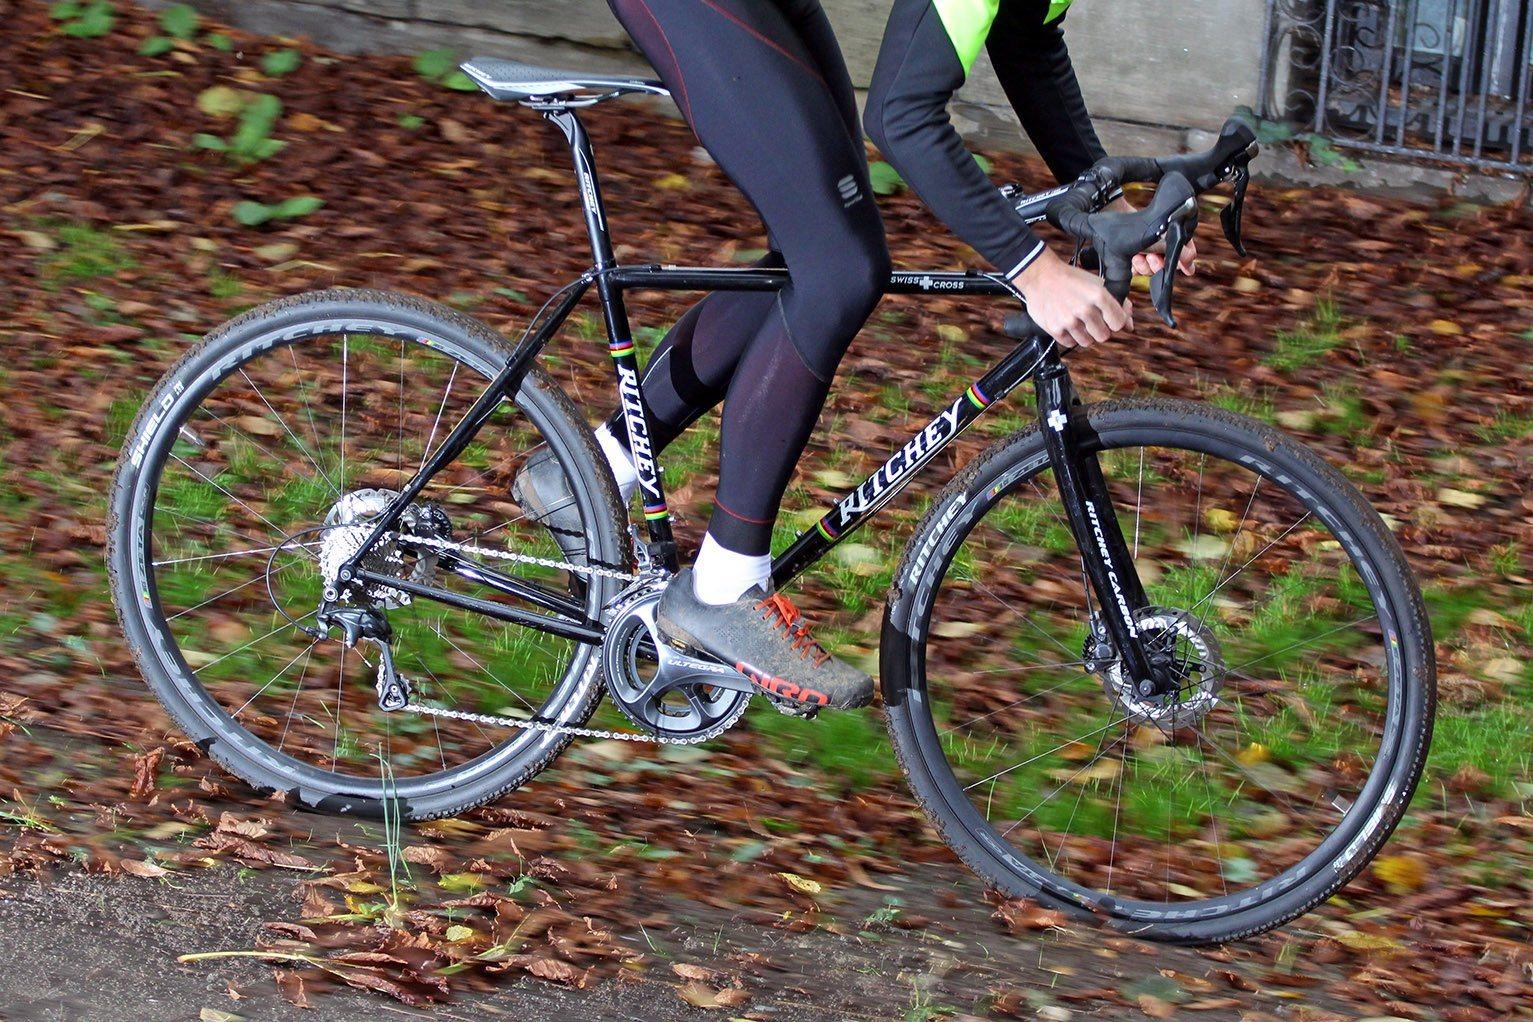 700 x 35c Ritchey WCS Shield Cyclocross Road Bike Bicycle Cross Tire